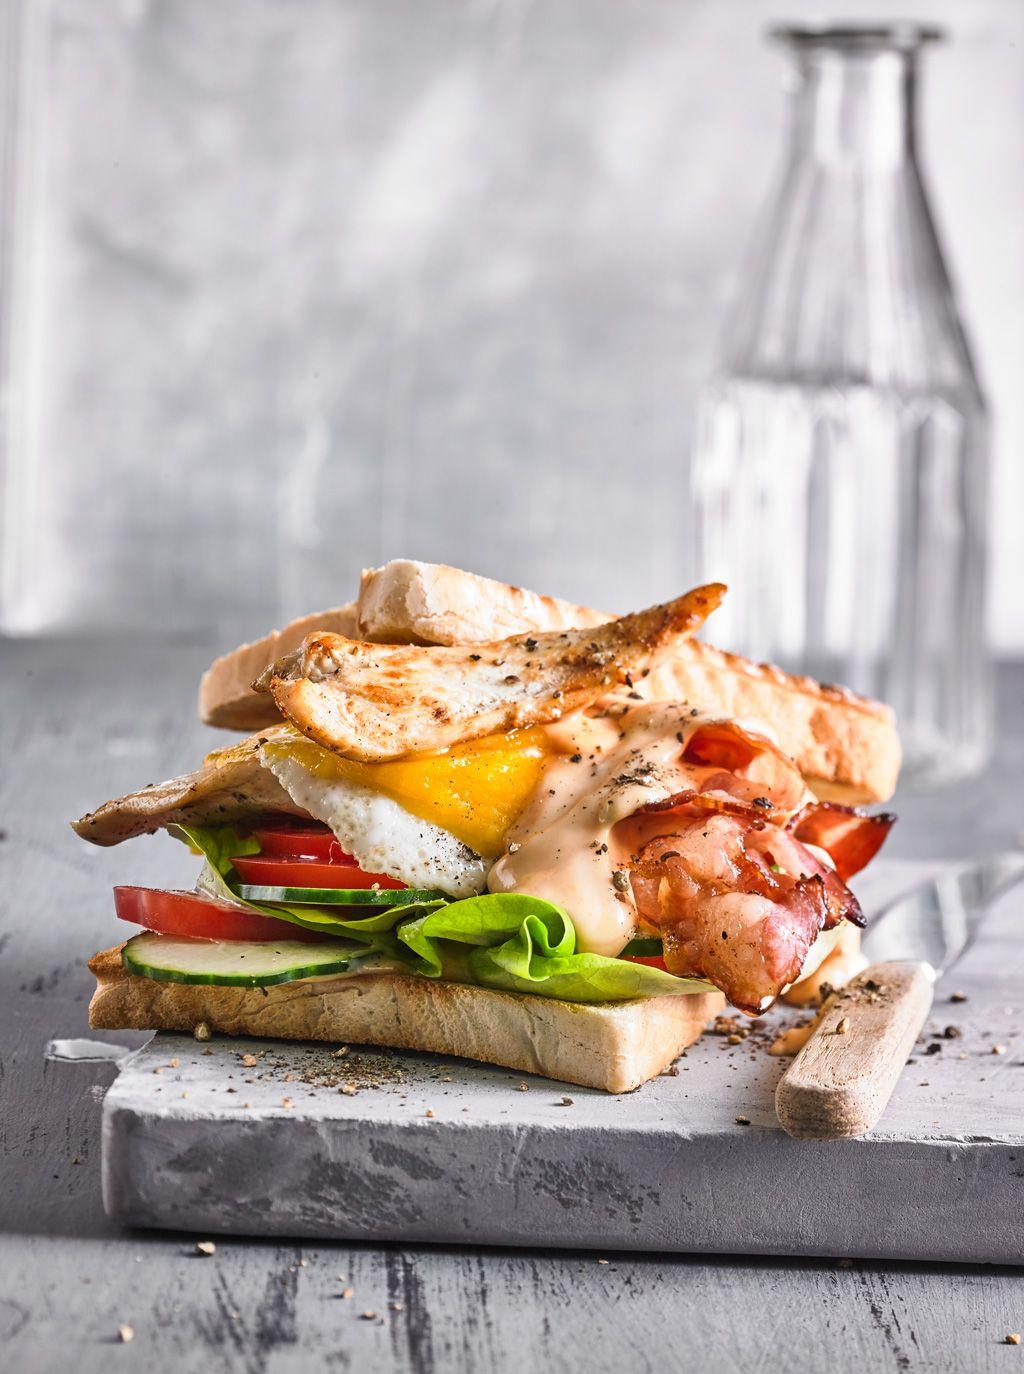 clubsandwich gesundes f r die mittagspause pinterest das b ro schnelle gerichte und essen. Black Bedroom Furniture Sets. Home Design Ideas